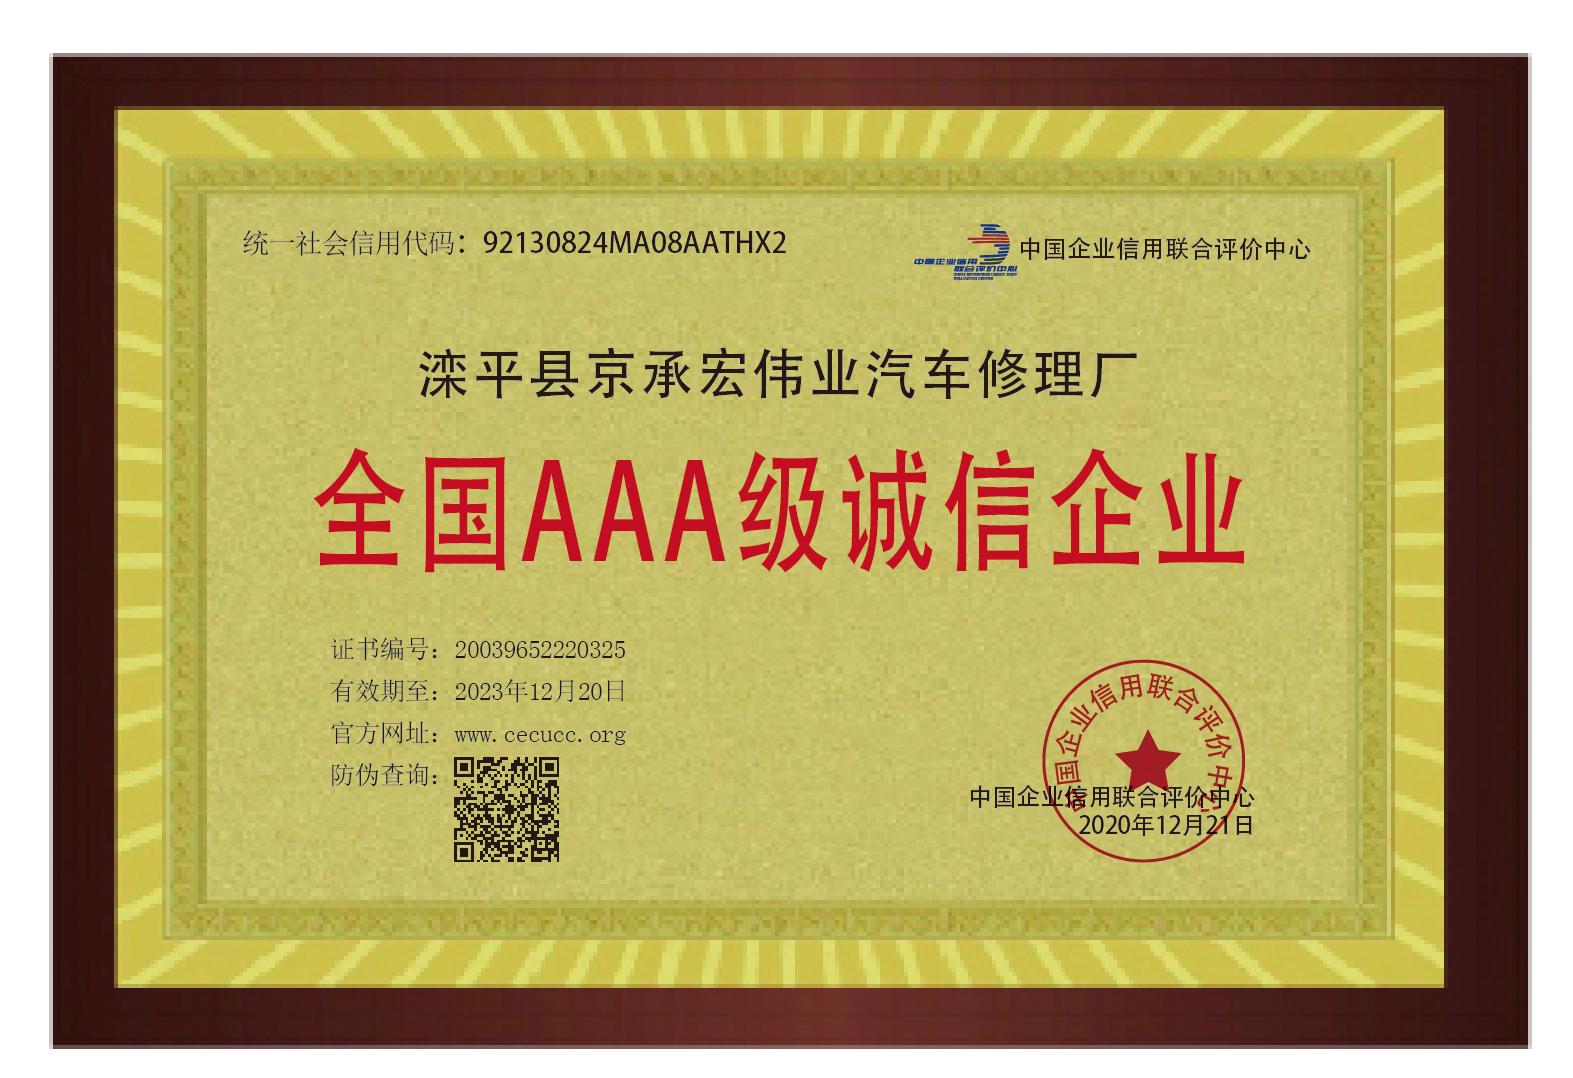 全国AAA级诚信企业